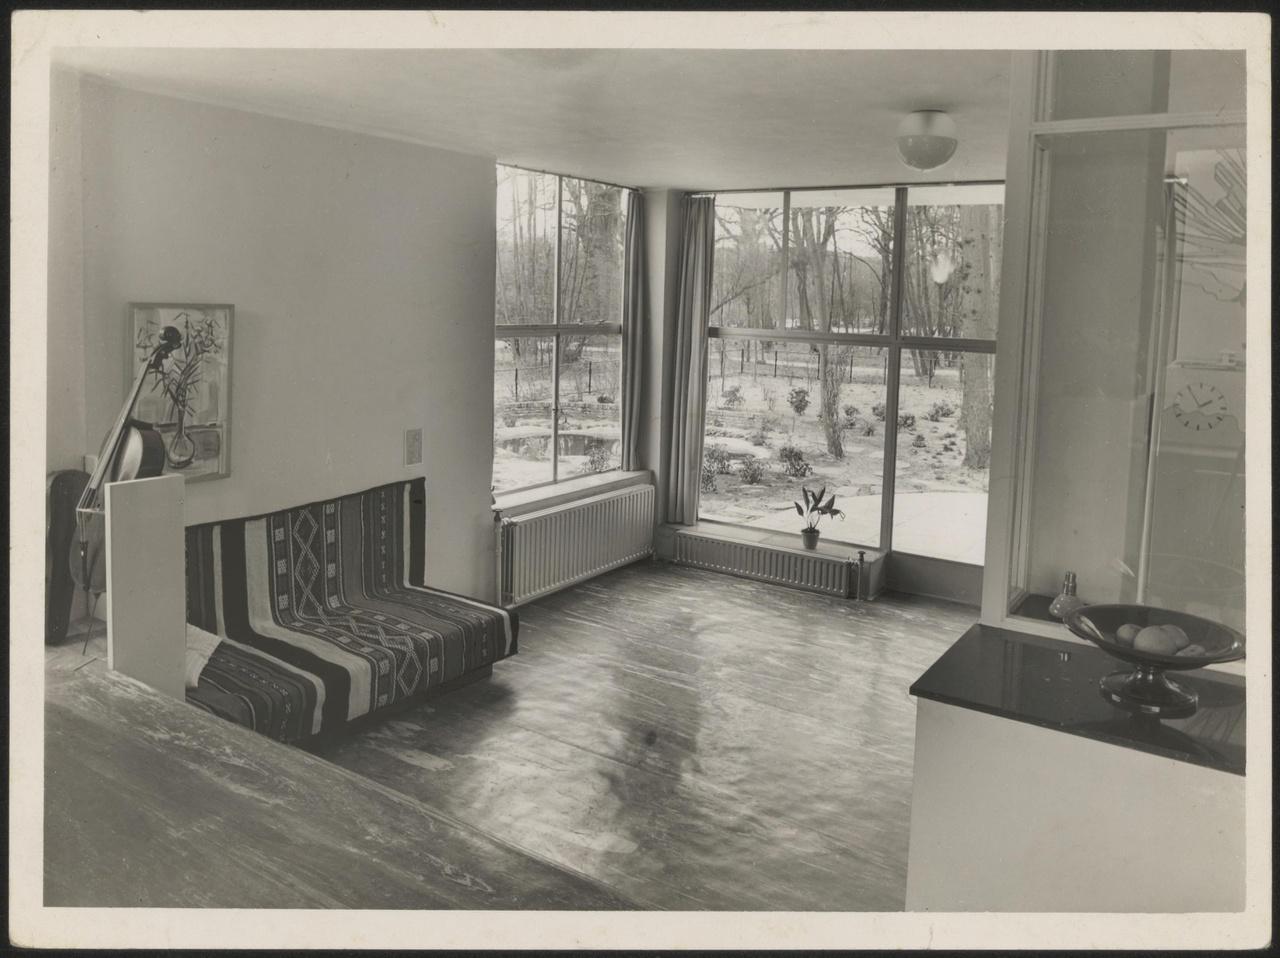 Afbeelding van woning Hillebrand, interieur woonkamer met hoekramen zonder losse meubels